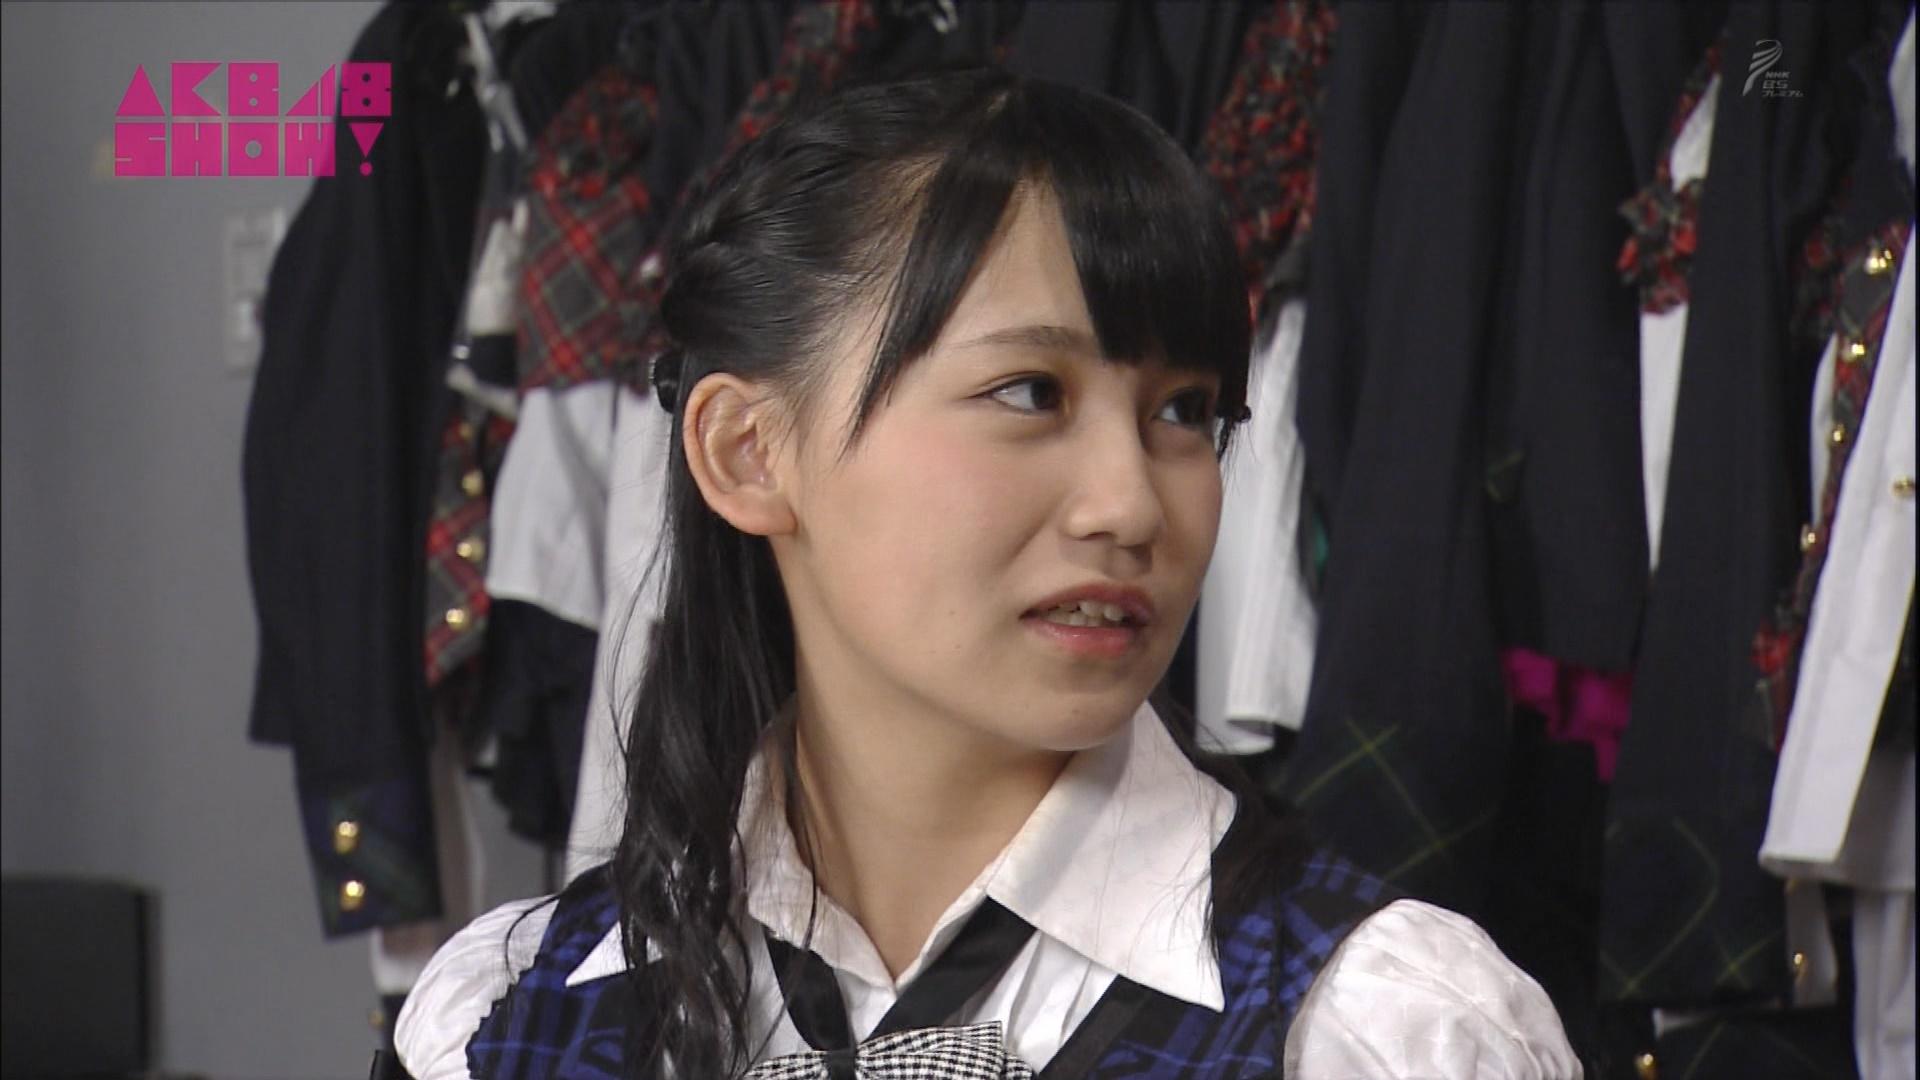 小嶋真子 彼女になれますか AKB48SHOW! 20140906 (3)